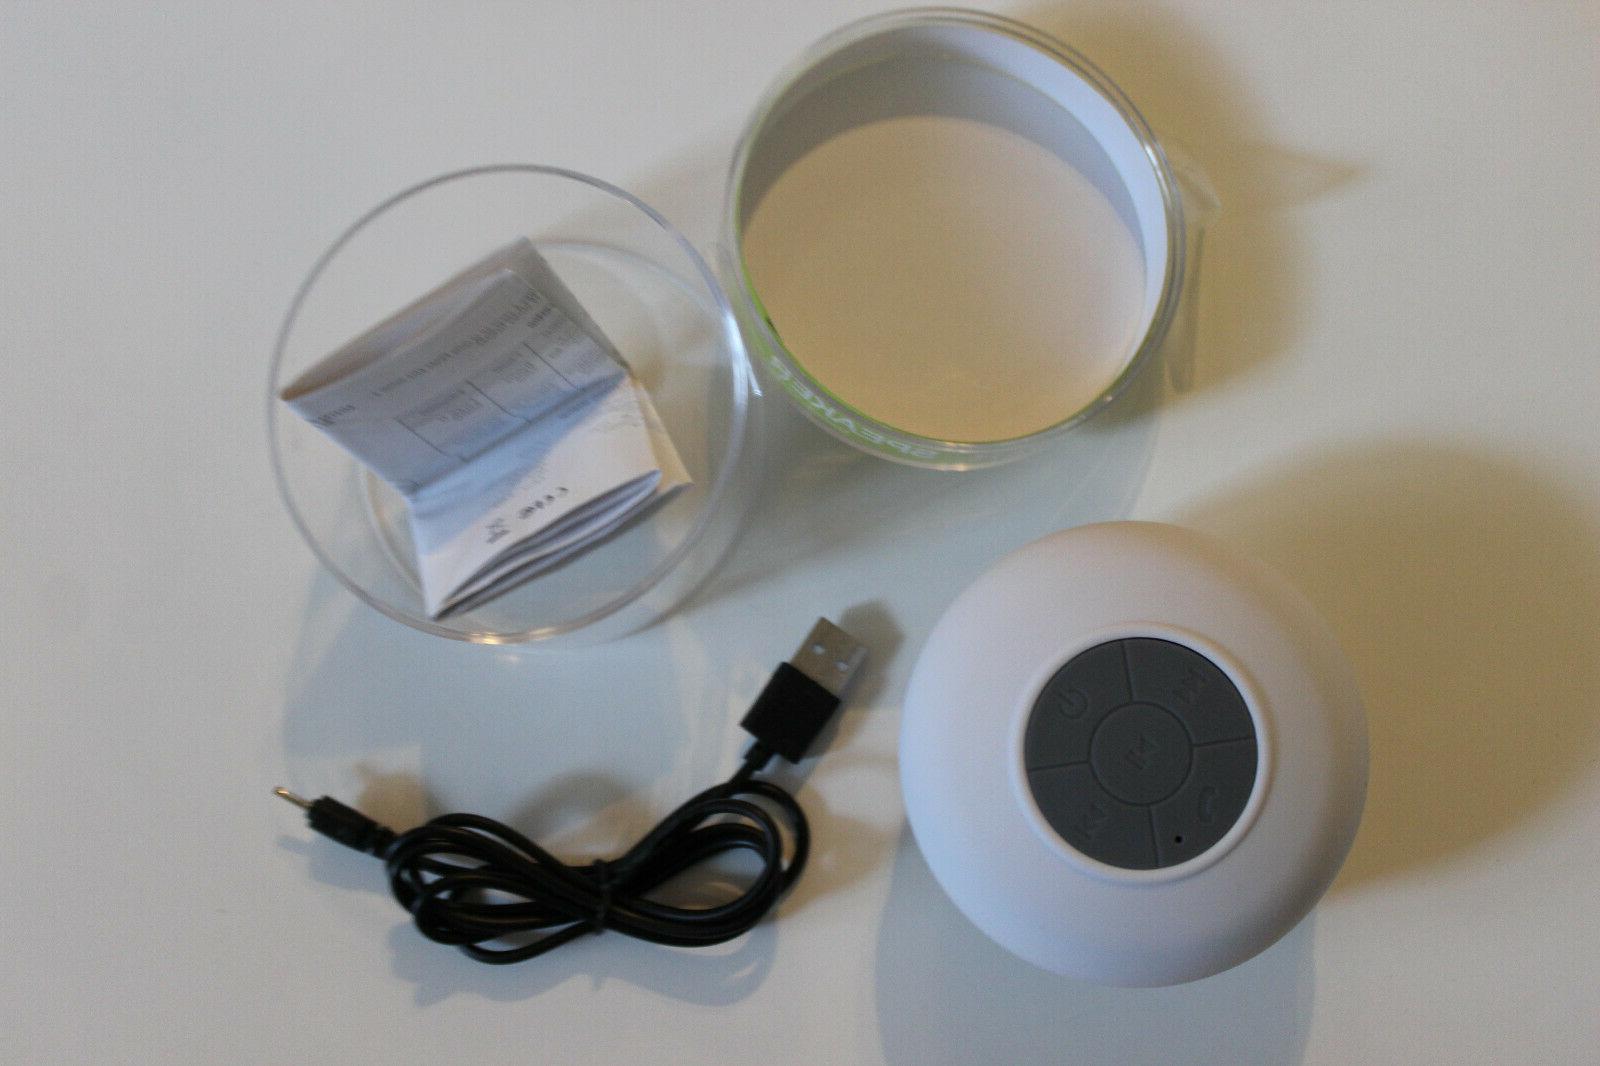 Hands-free Waterproof Wireless Bluetooth Car,